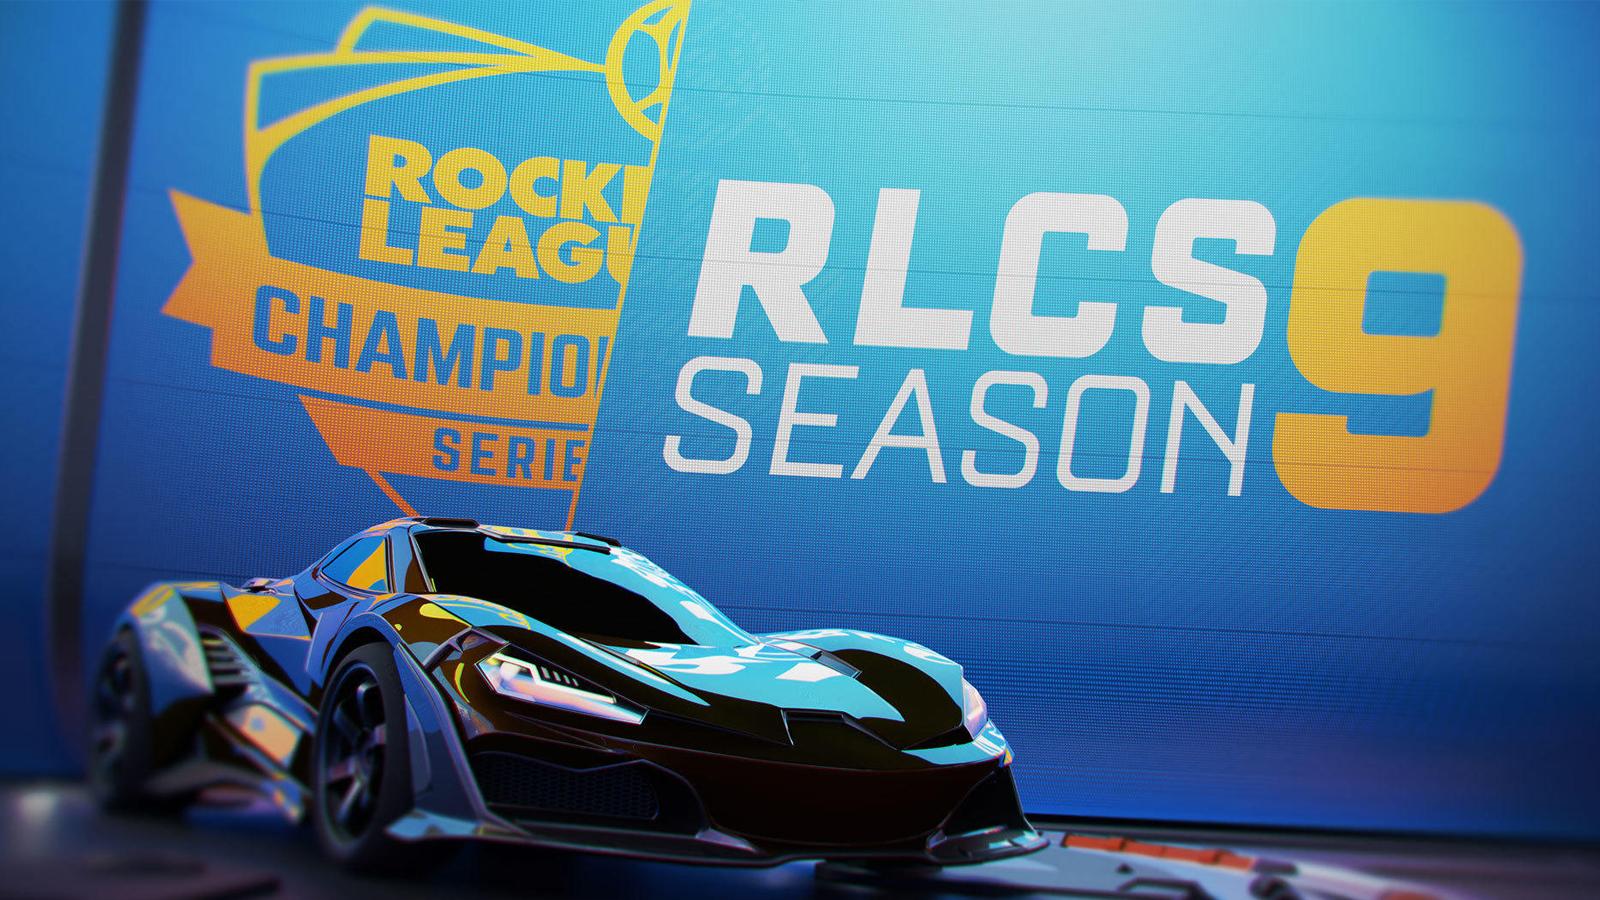 portada cancelacion mundial rocket league